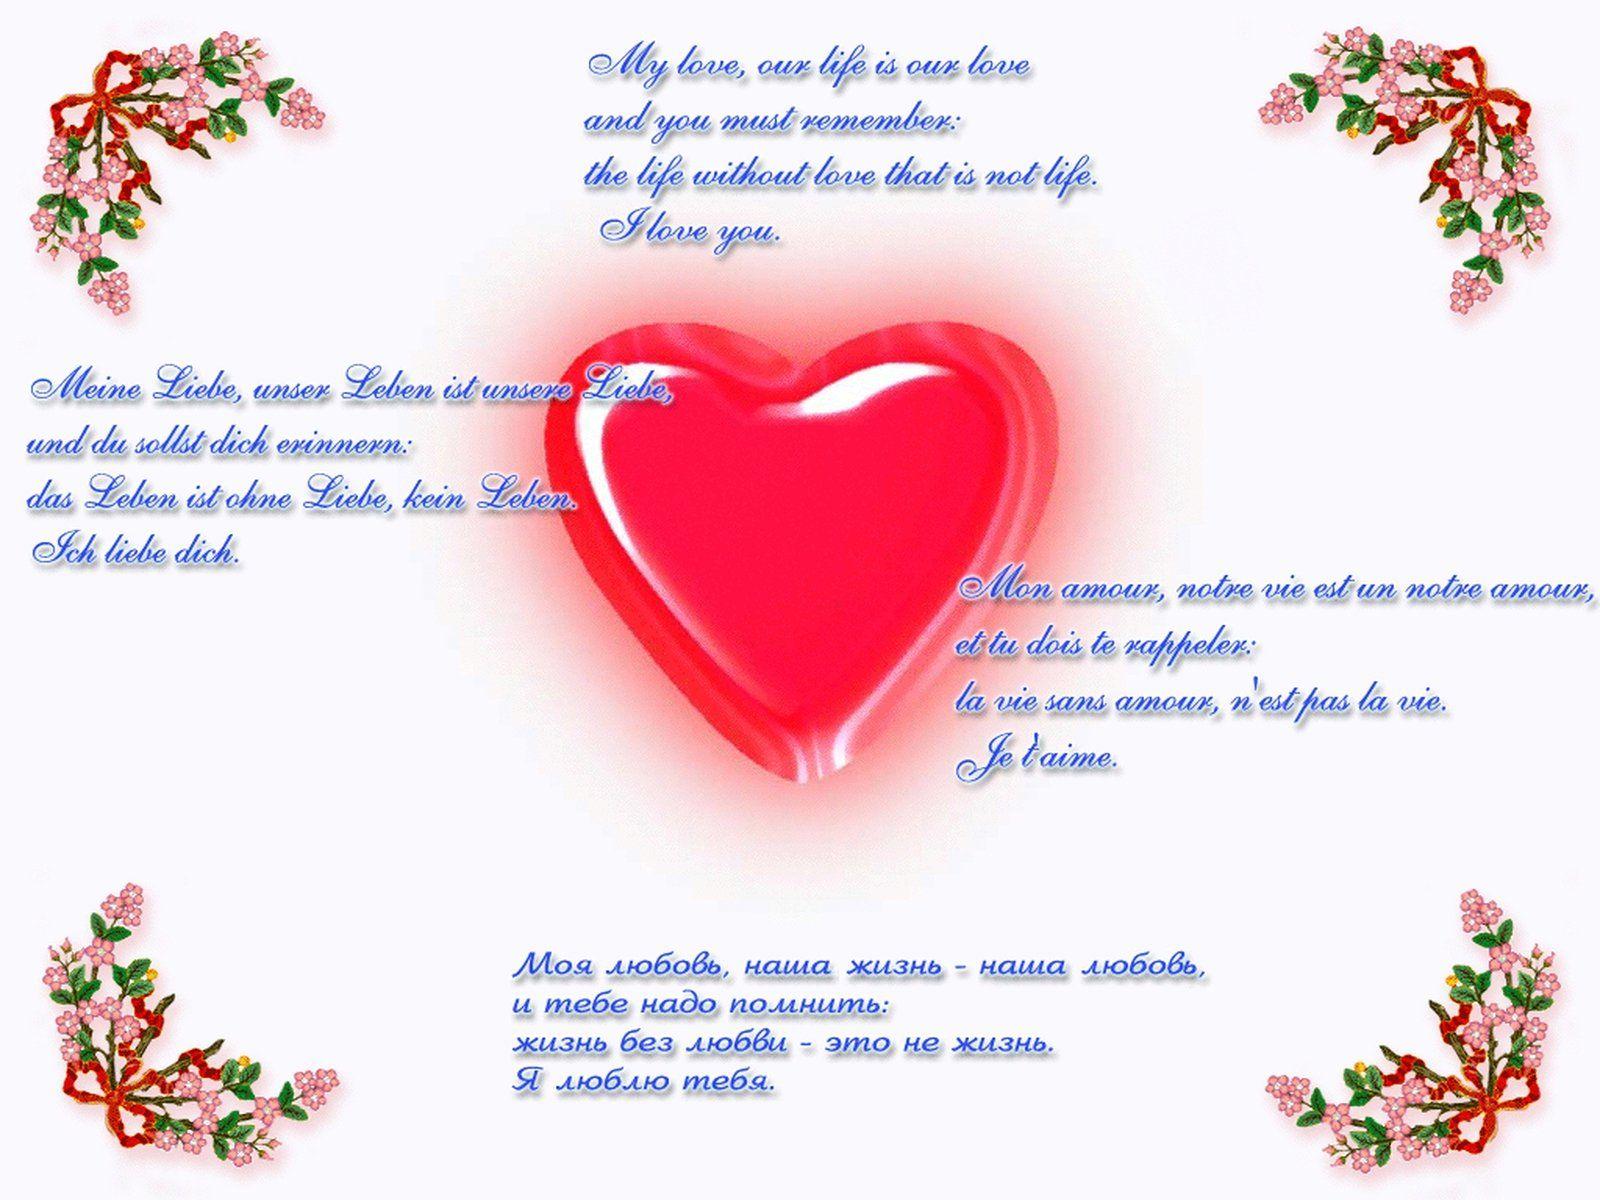 Признания - Открытки для любимых и о любви - Love 10